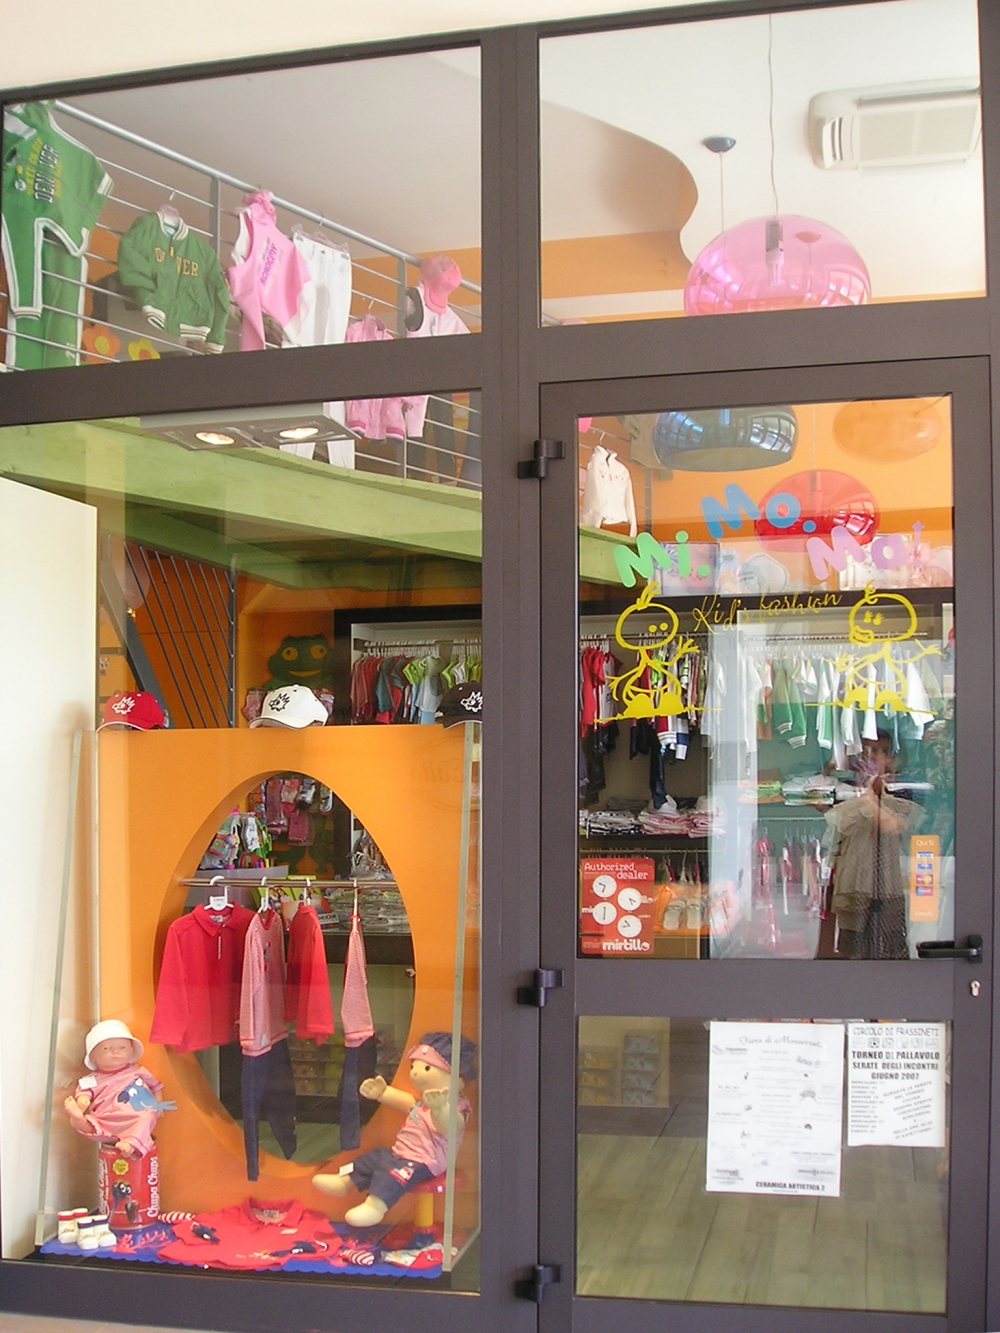 Negozi Di Arredamento A Modena.Arredamento Negozio Abbigliamento E Accessori Per Bambini Momoma A